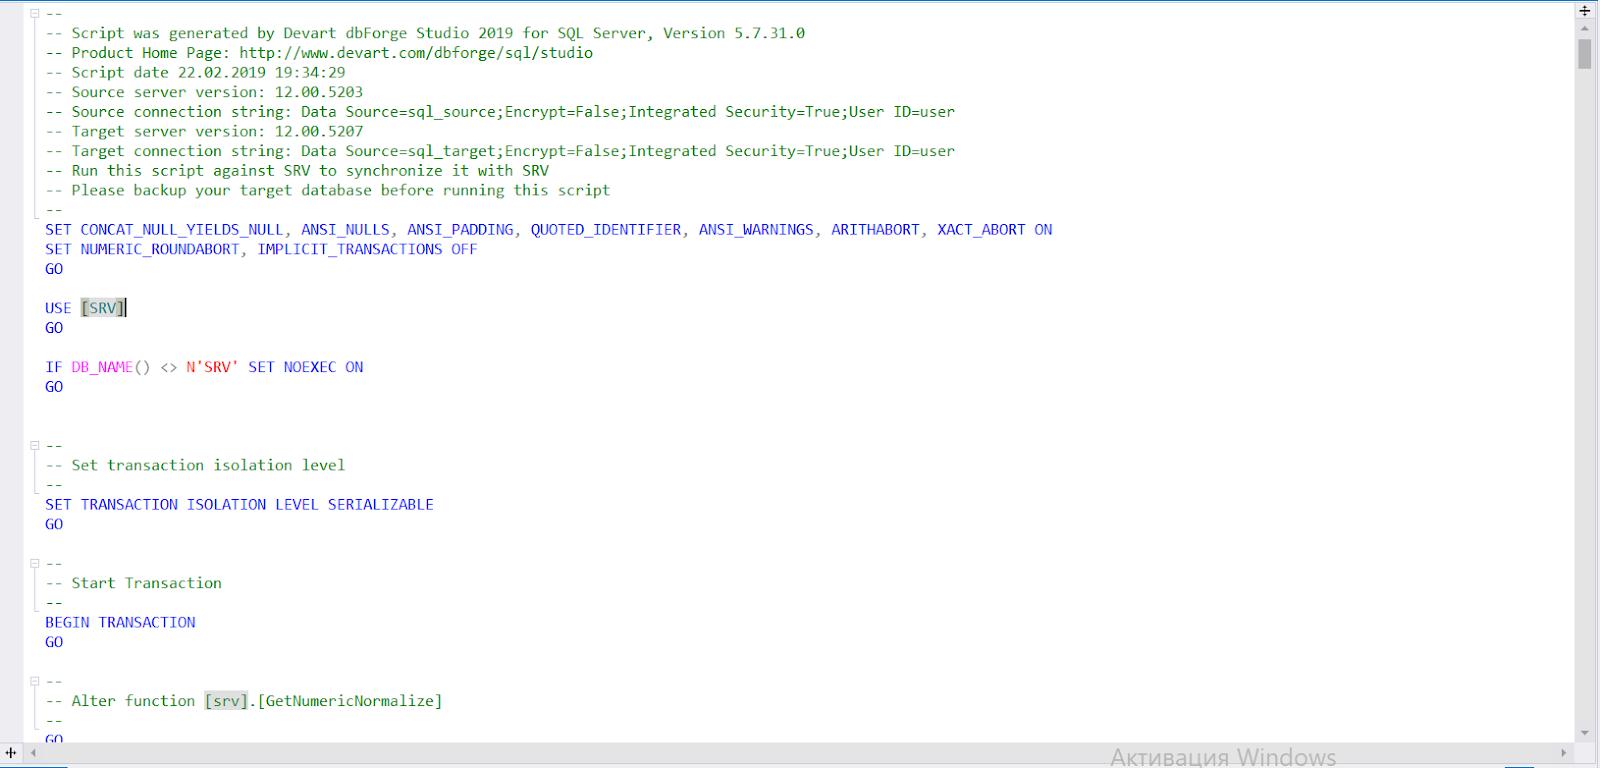 Generating a synchronization script